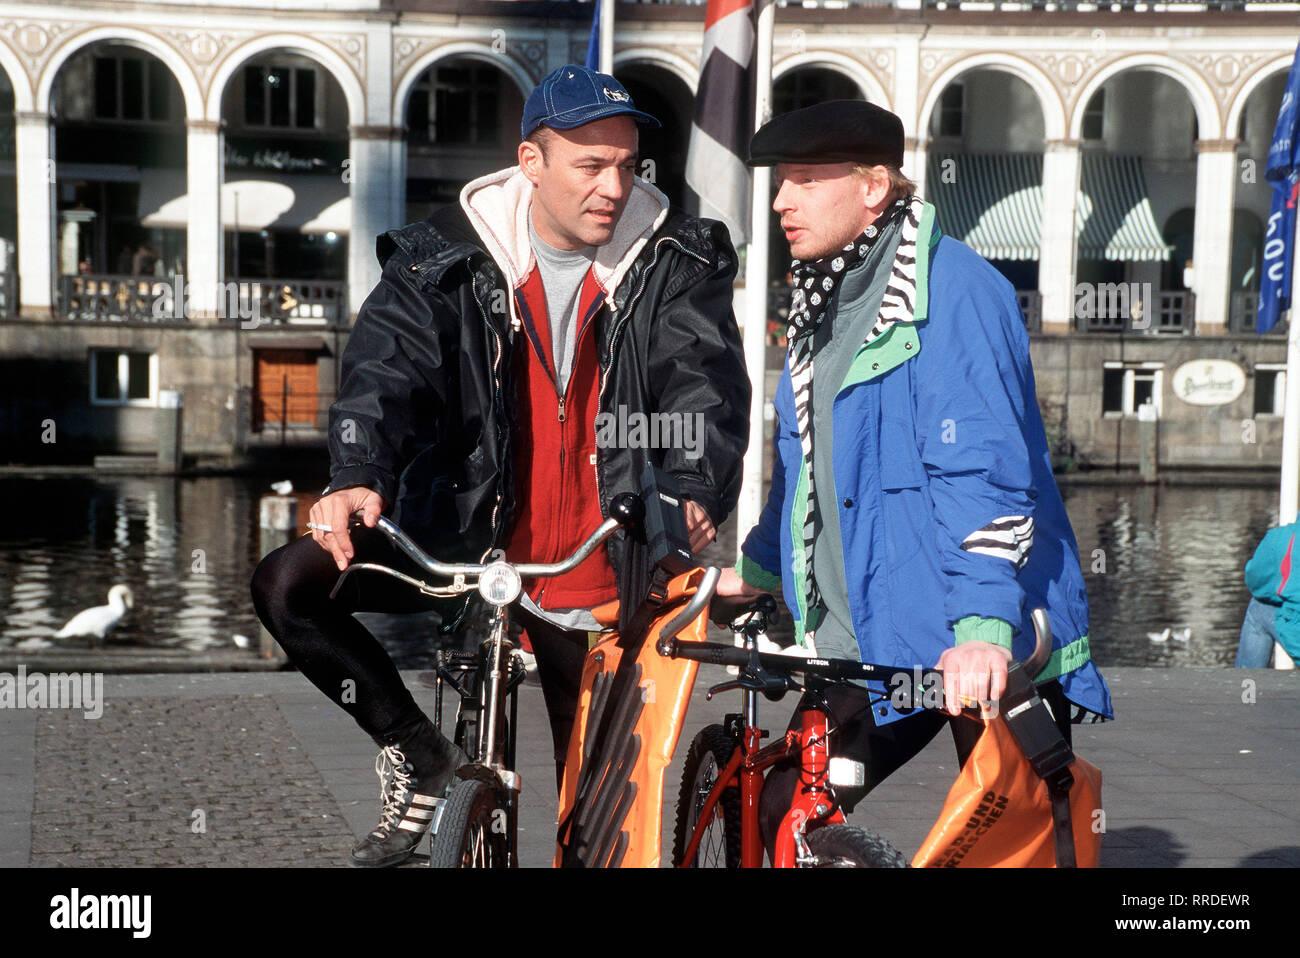 FAUST- Faust heuert bei einem Kurierdienst an, von dem ein Fahrradkurier überfahren wurde. Bei seiner ersten Fahrt findet er heraus, daß auch Kokain transportiert wird. Als auch auf die nächste Botin Ann-Katrin ein Anschlag verübt wird, kann Faust sie retten. Aber was hat sie mit dem Fall zu tun? Foto: Faust (HEINER LAUTERBACH, l.) und Dieter Heymann (BEN BECKER). Regie: Michael Mackenroth aka. Tödliche Route / Überschrift: FAUST / BRD 1994 Stock Photo